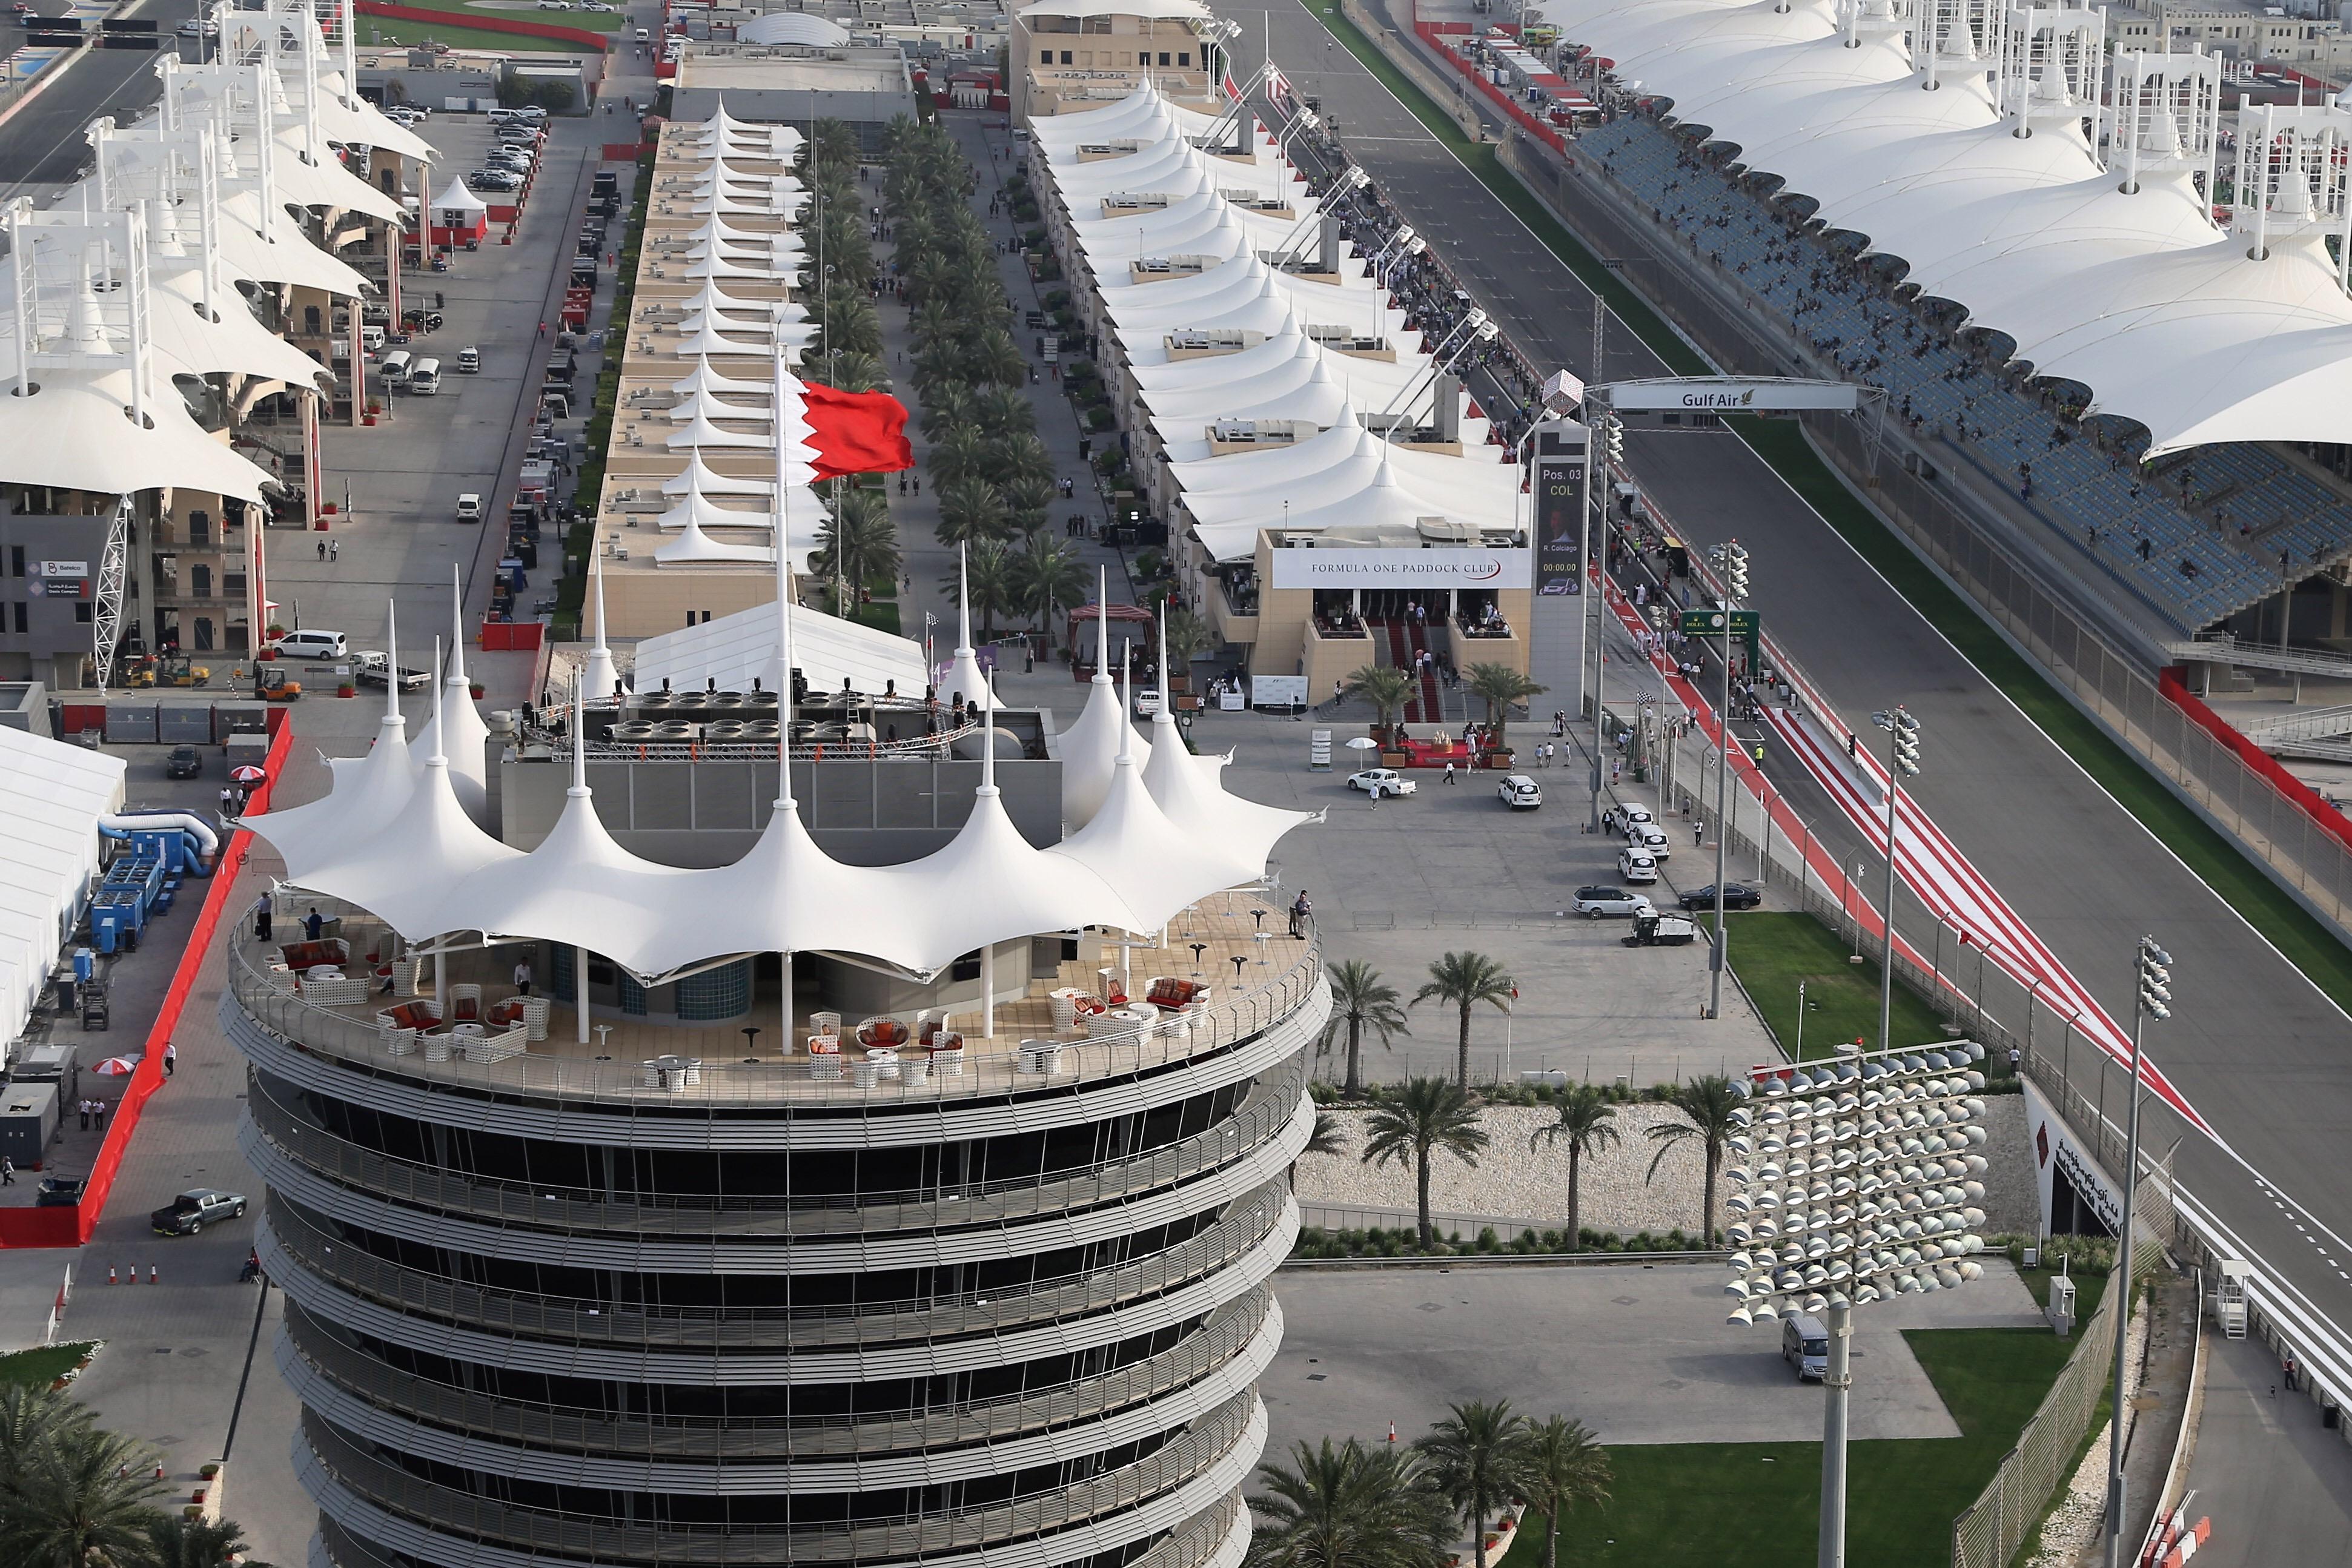 Sebastian Vettel wins in Bahrain